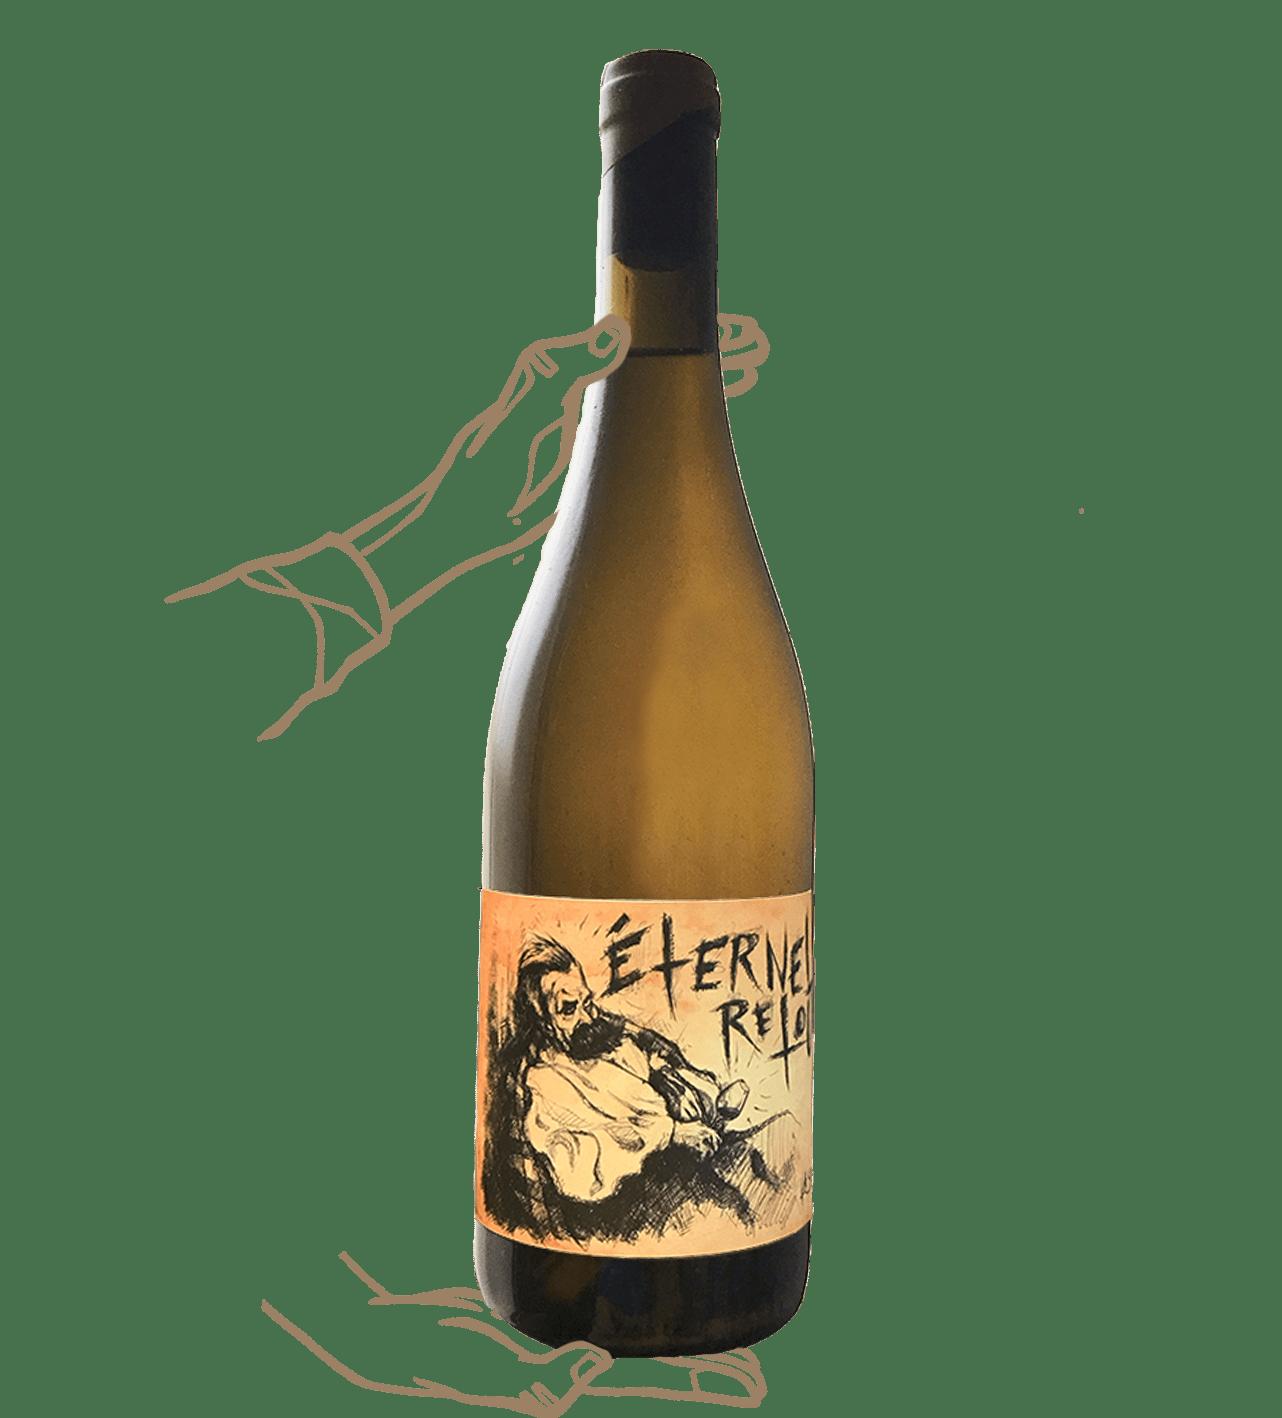 éternel retour est un vin orange naturel de la sorga